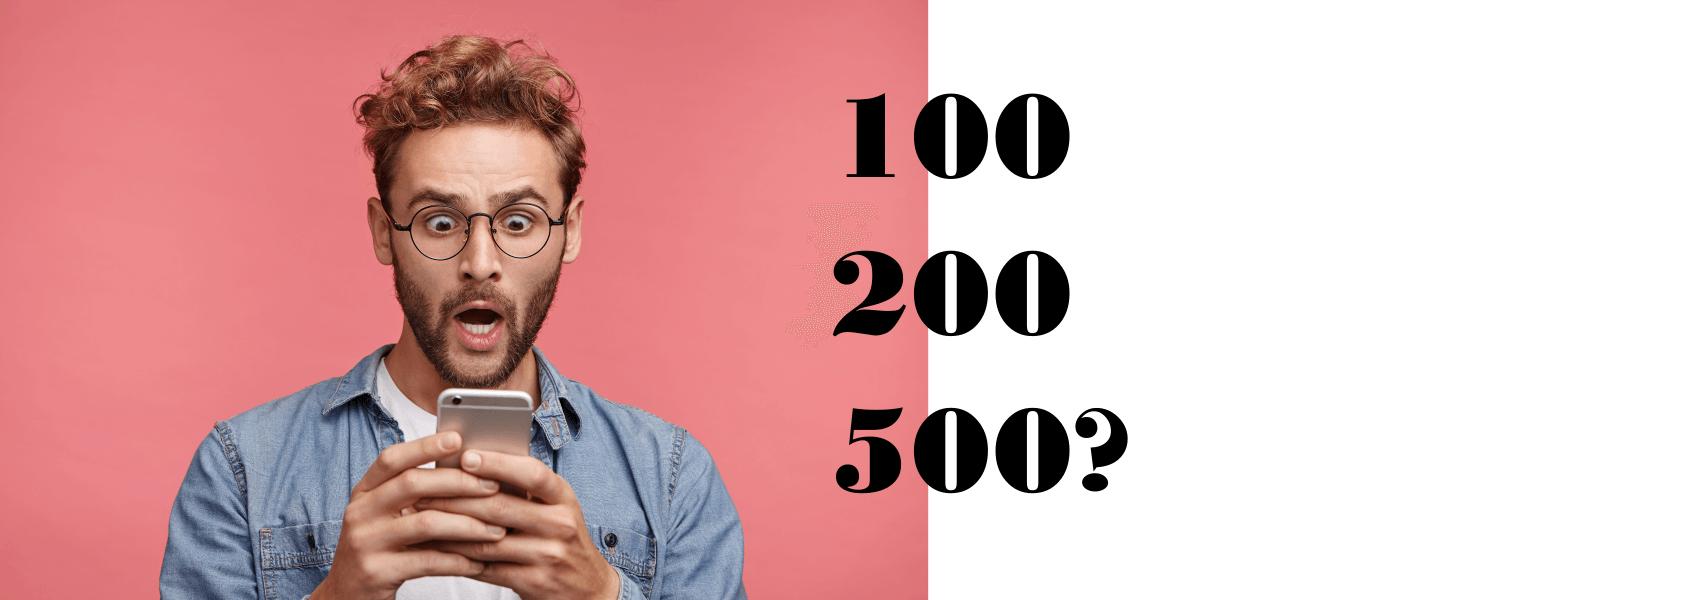 strona internetowa za 100, 200 czy 500zł?